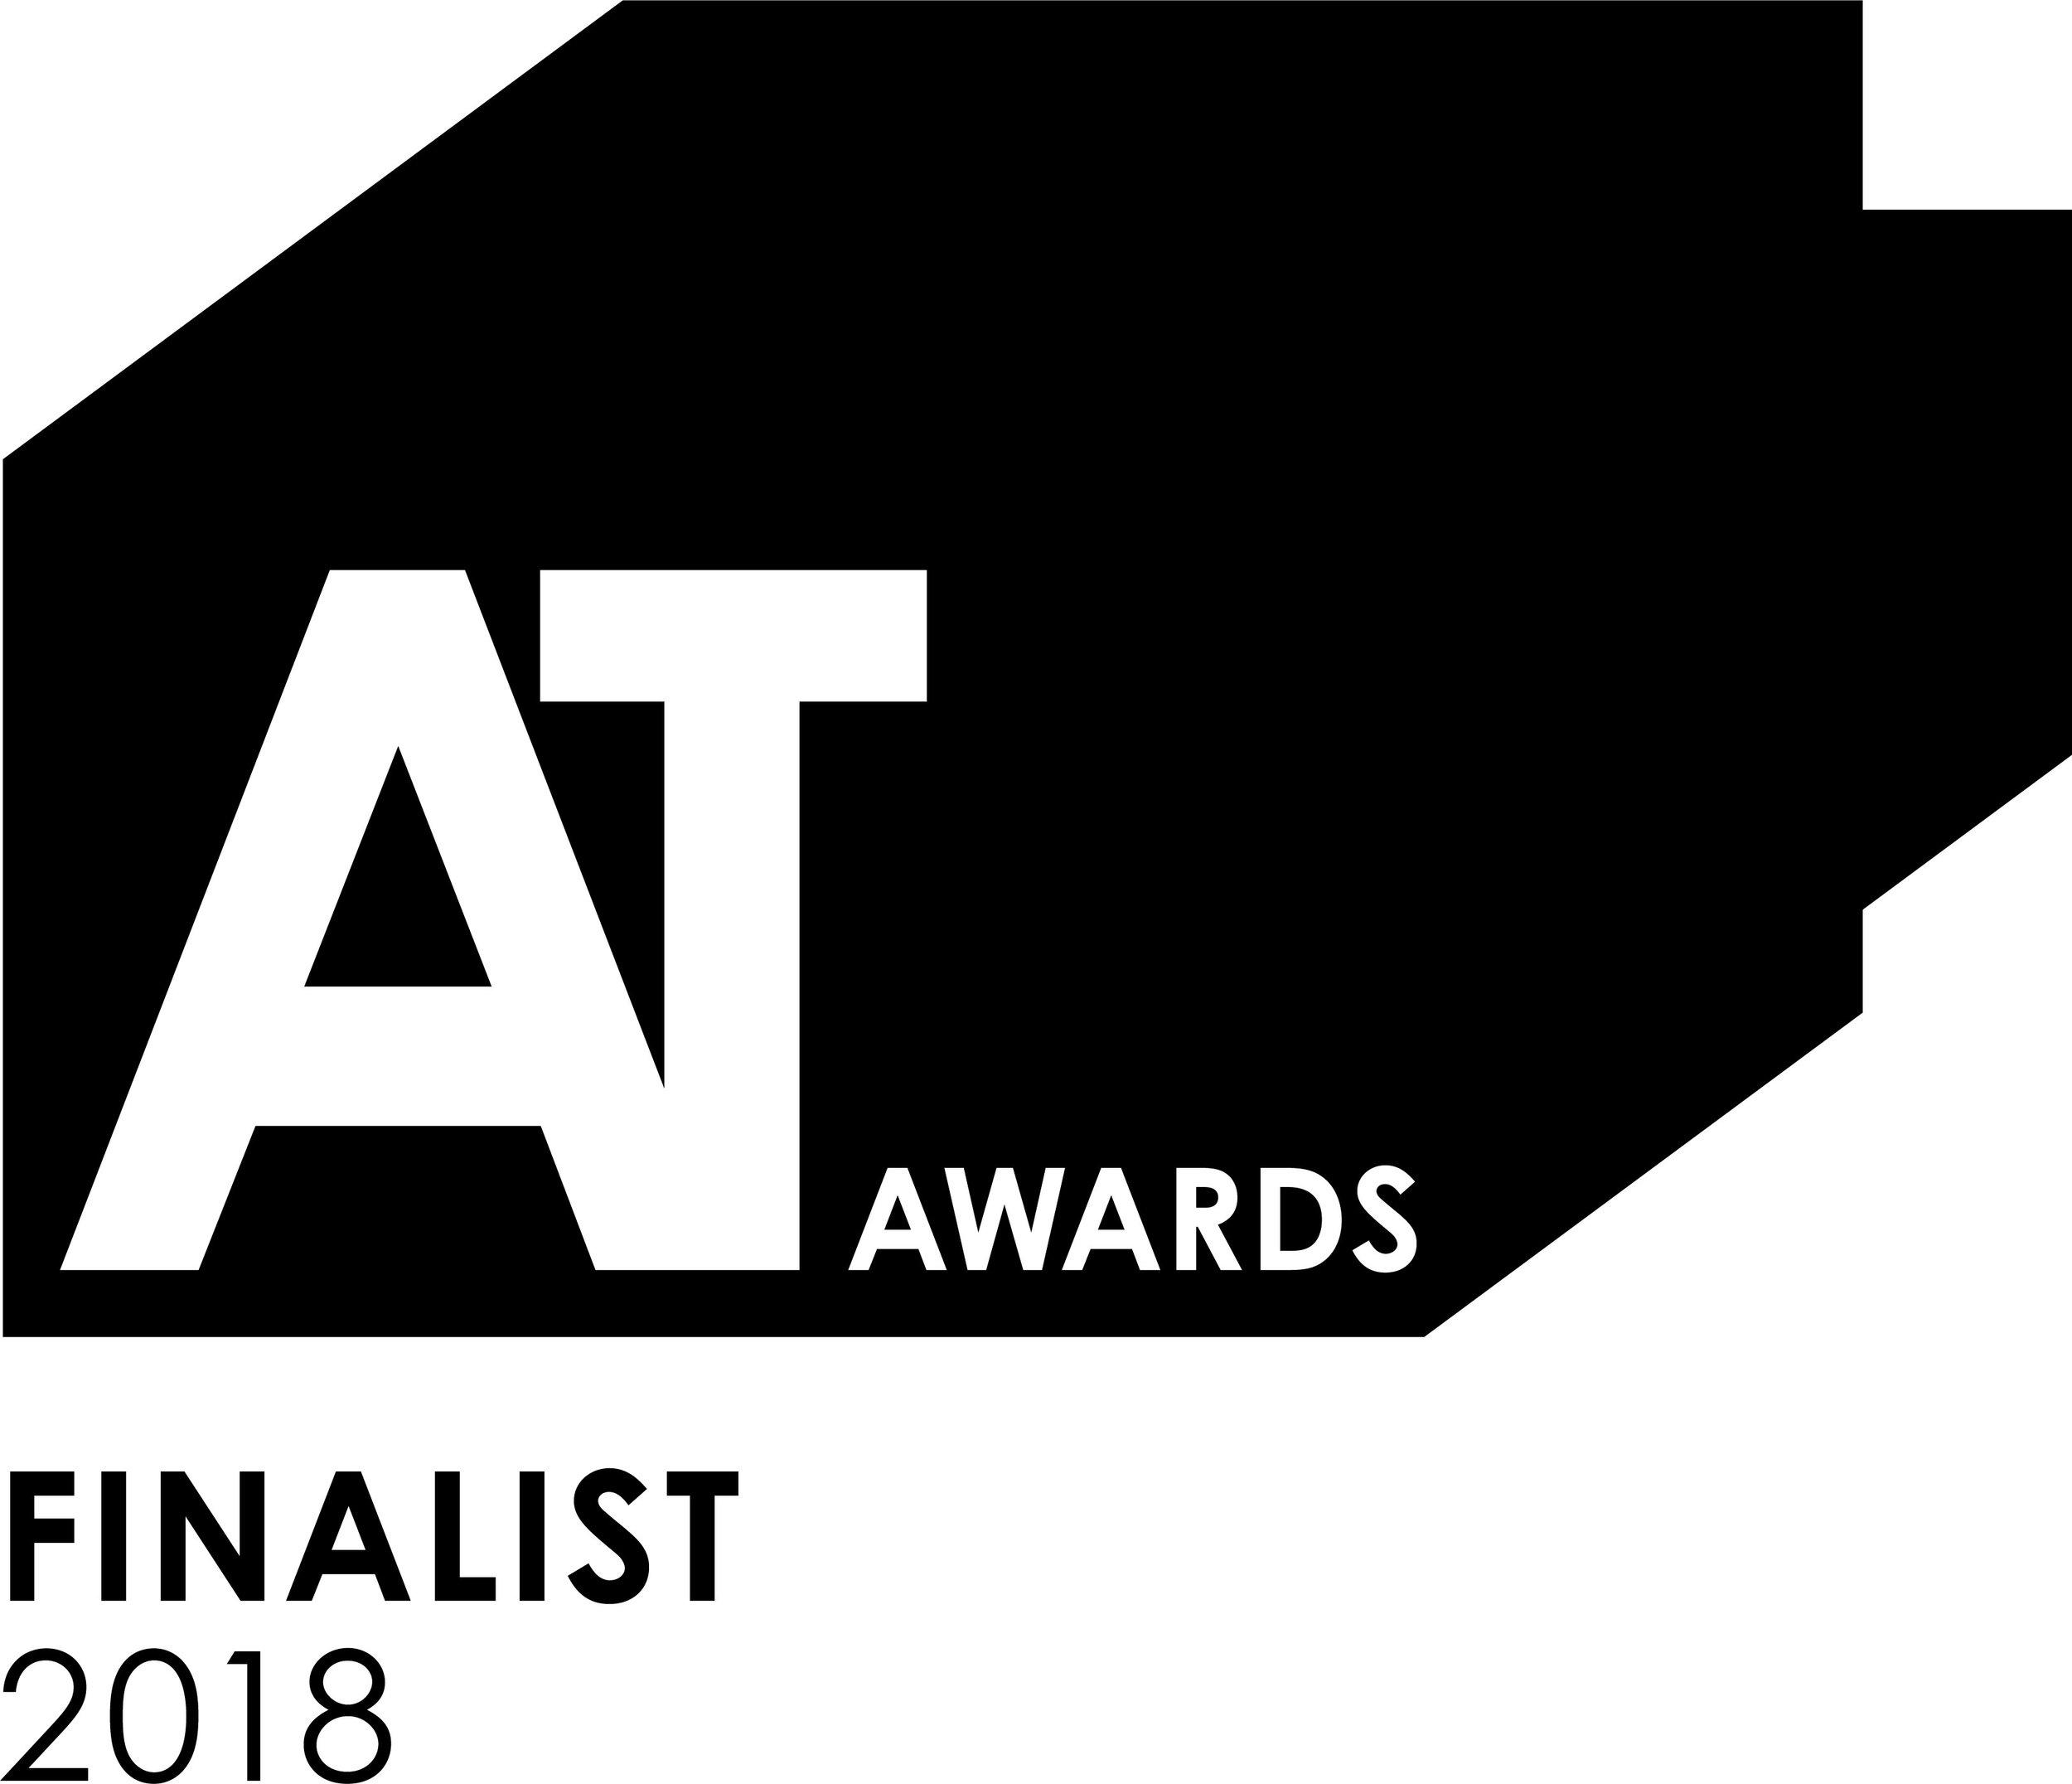 AT Awards finalist logo.jpg